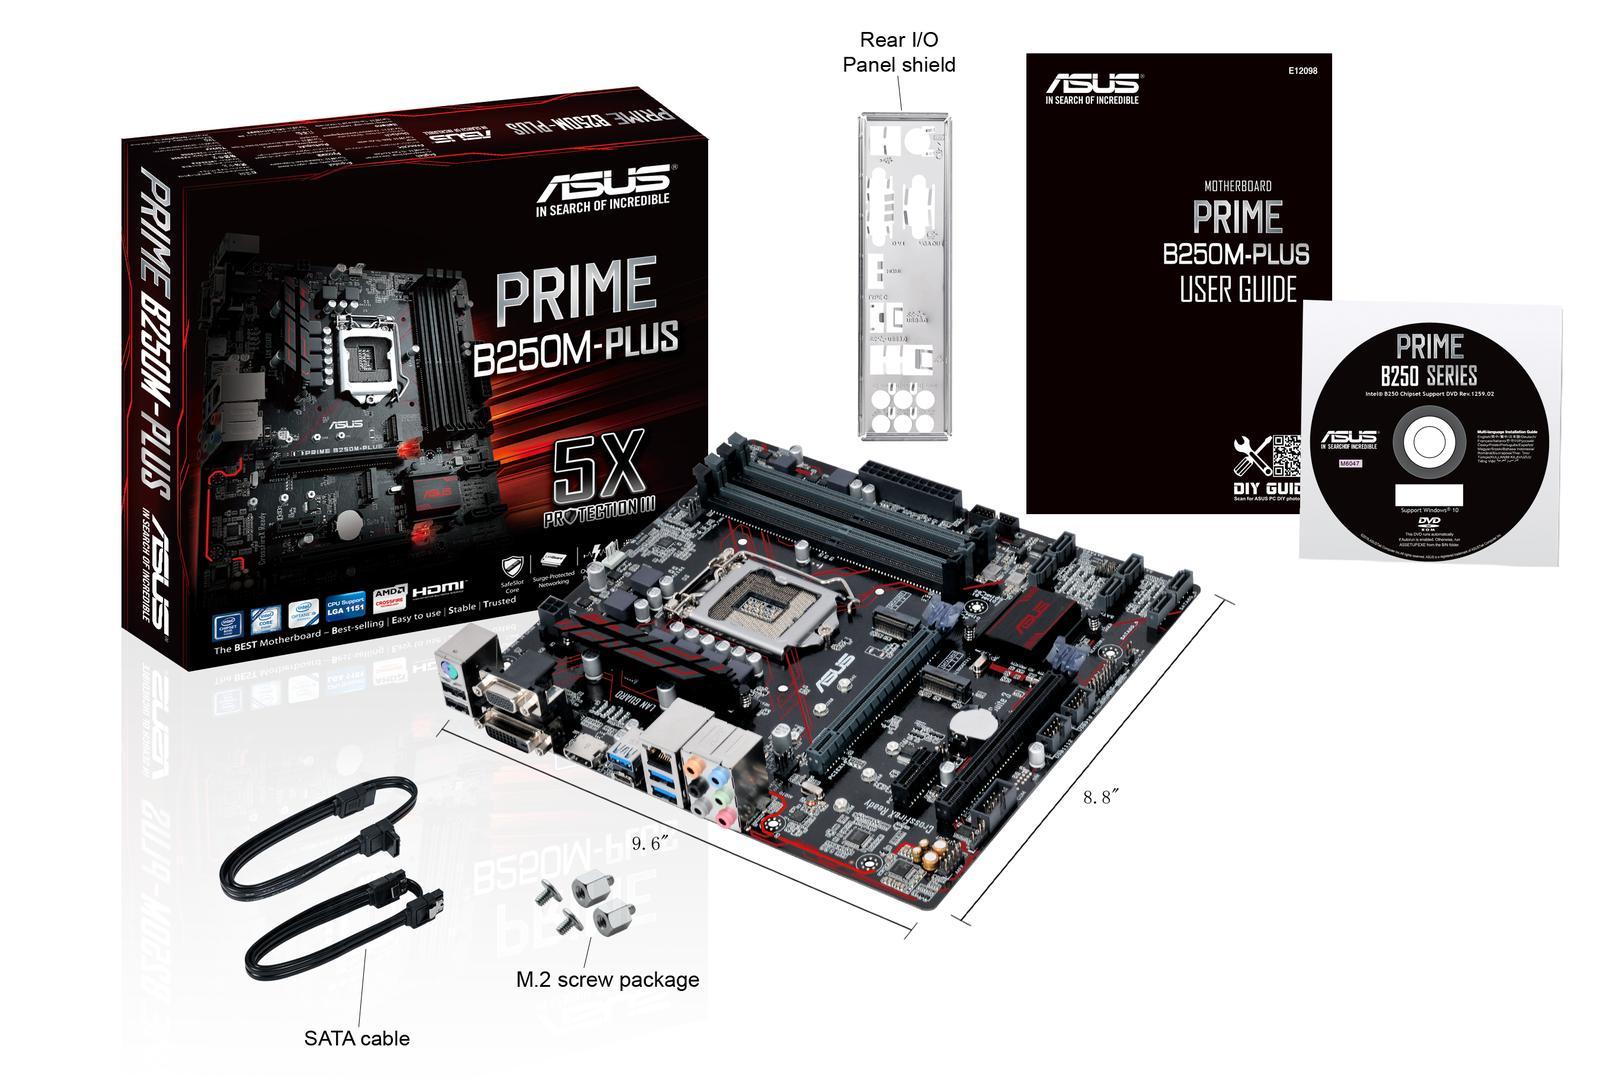 Asus PRIME B250M-PLUS Micro ATX LGA 1151